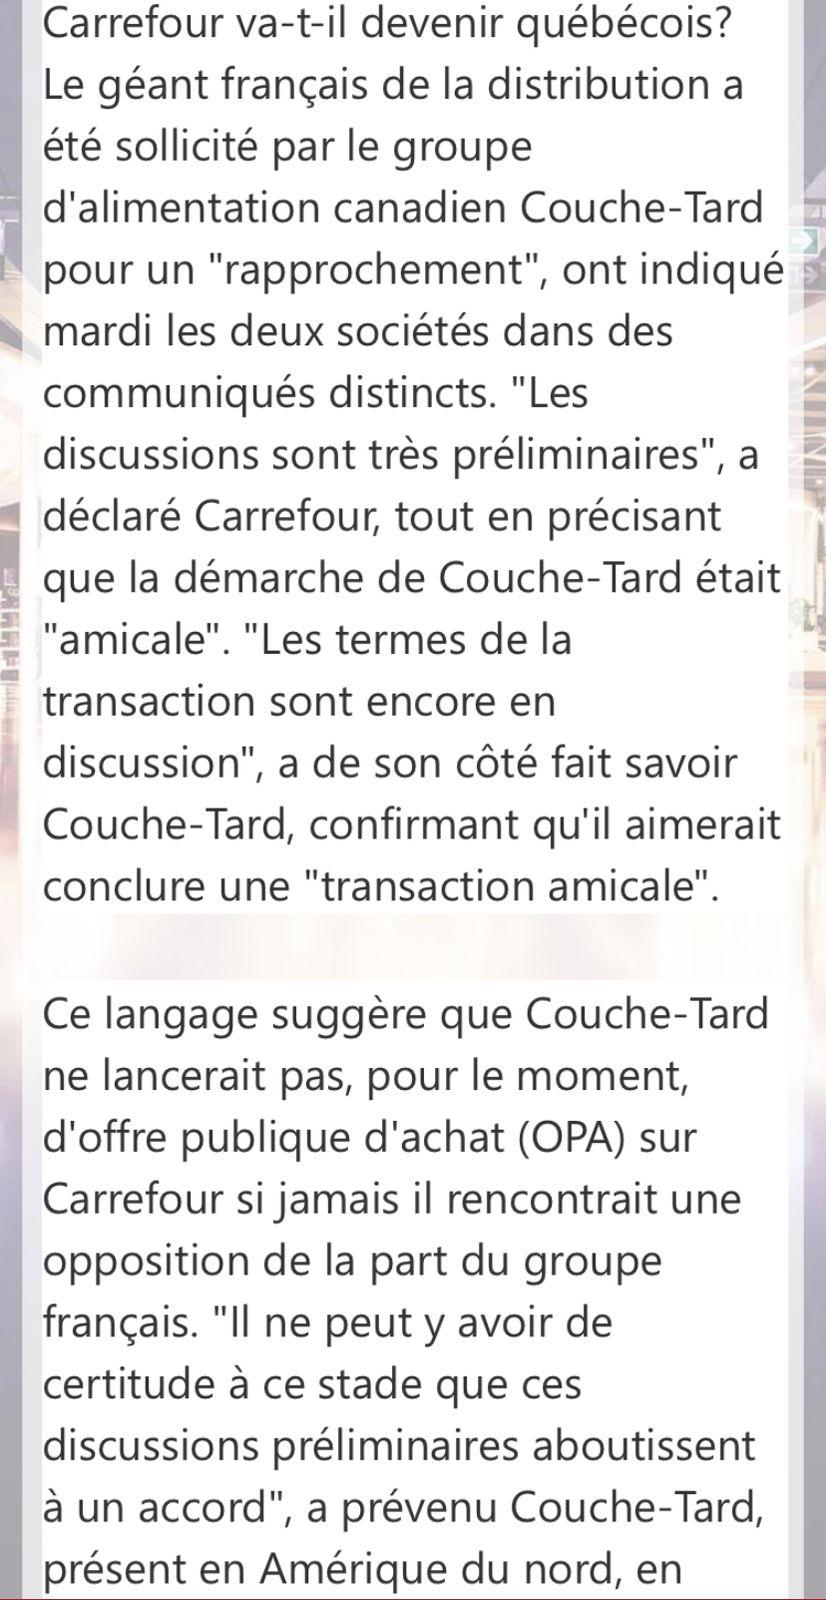 Le groupe québécois couche-tard a sollicité Carrefour «pour un rapprochement «